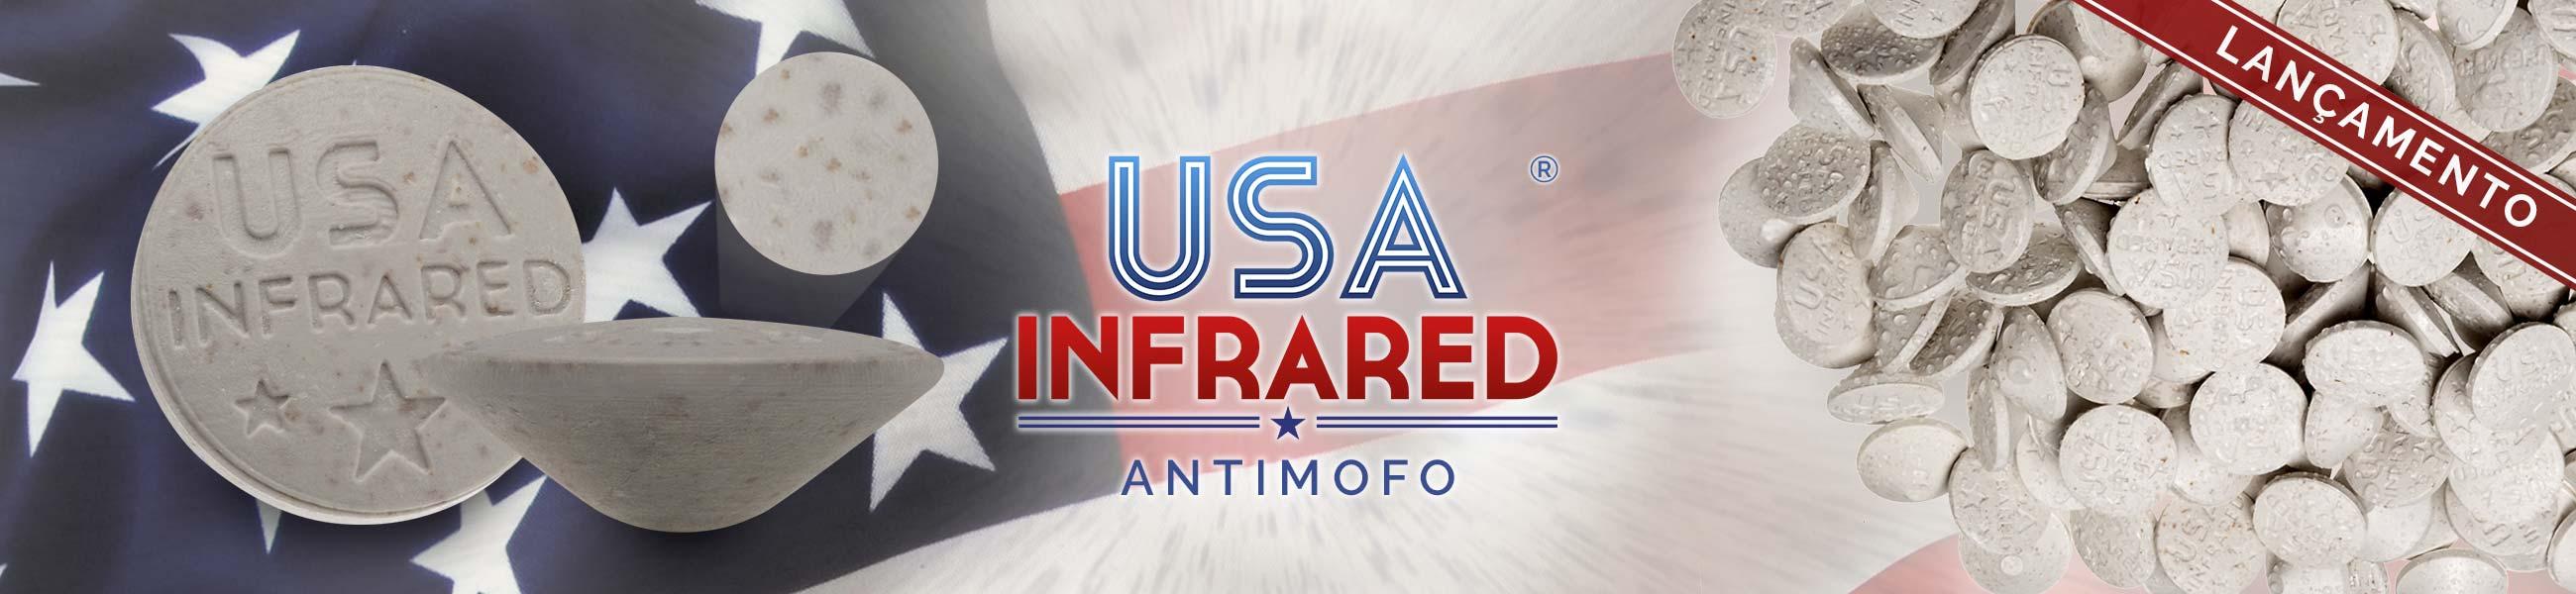 Pastilha para Colchão USA Infrared INFRABRAS